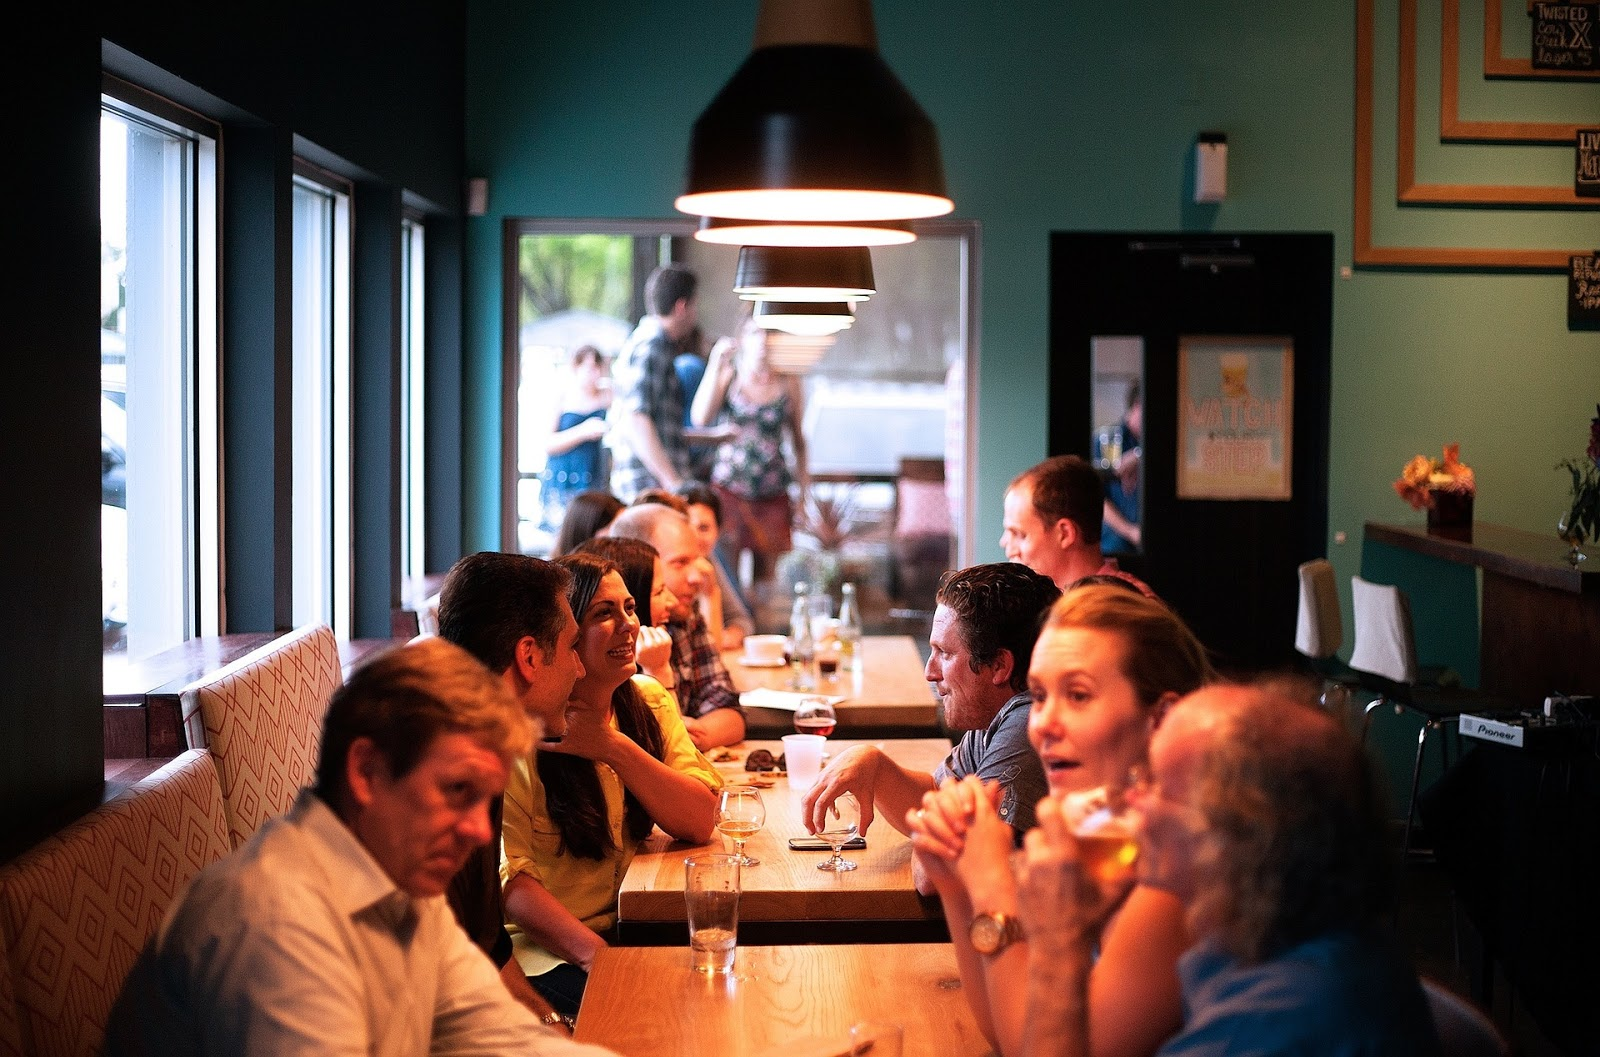 USA: 10 petites choses qui agacent les Français au restaurant